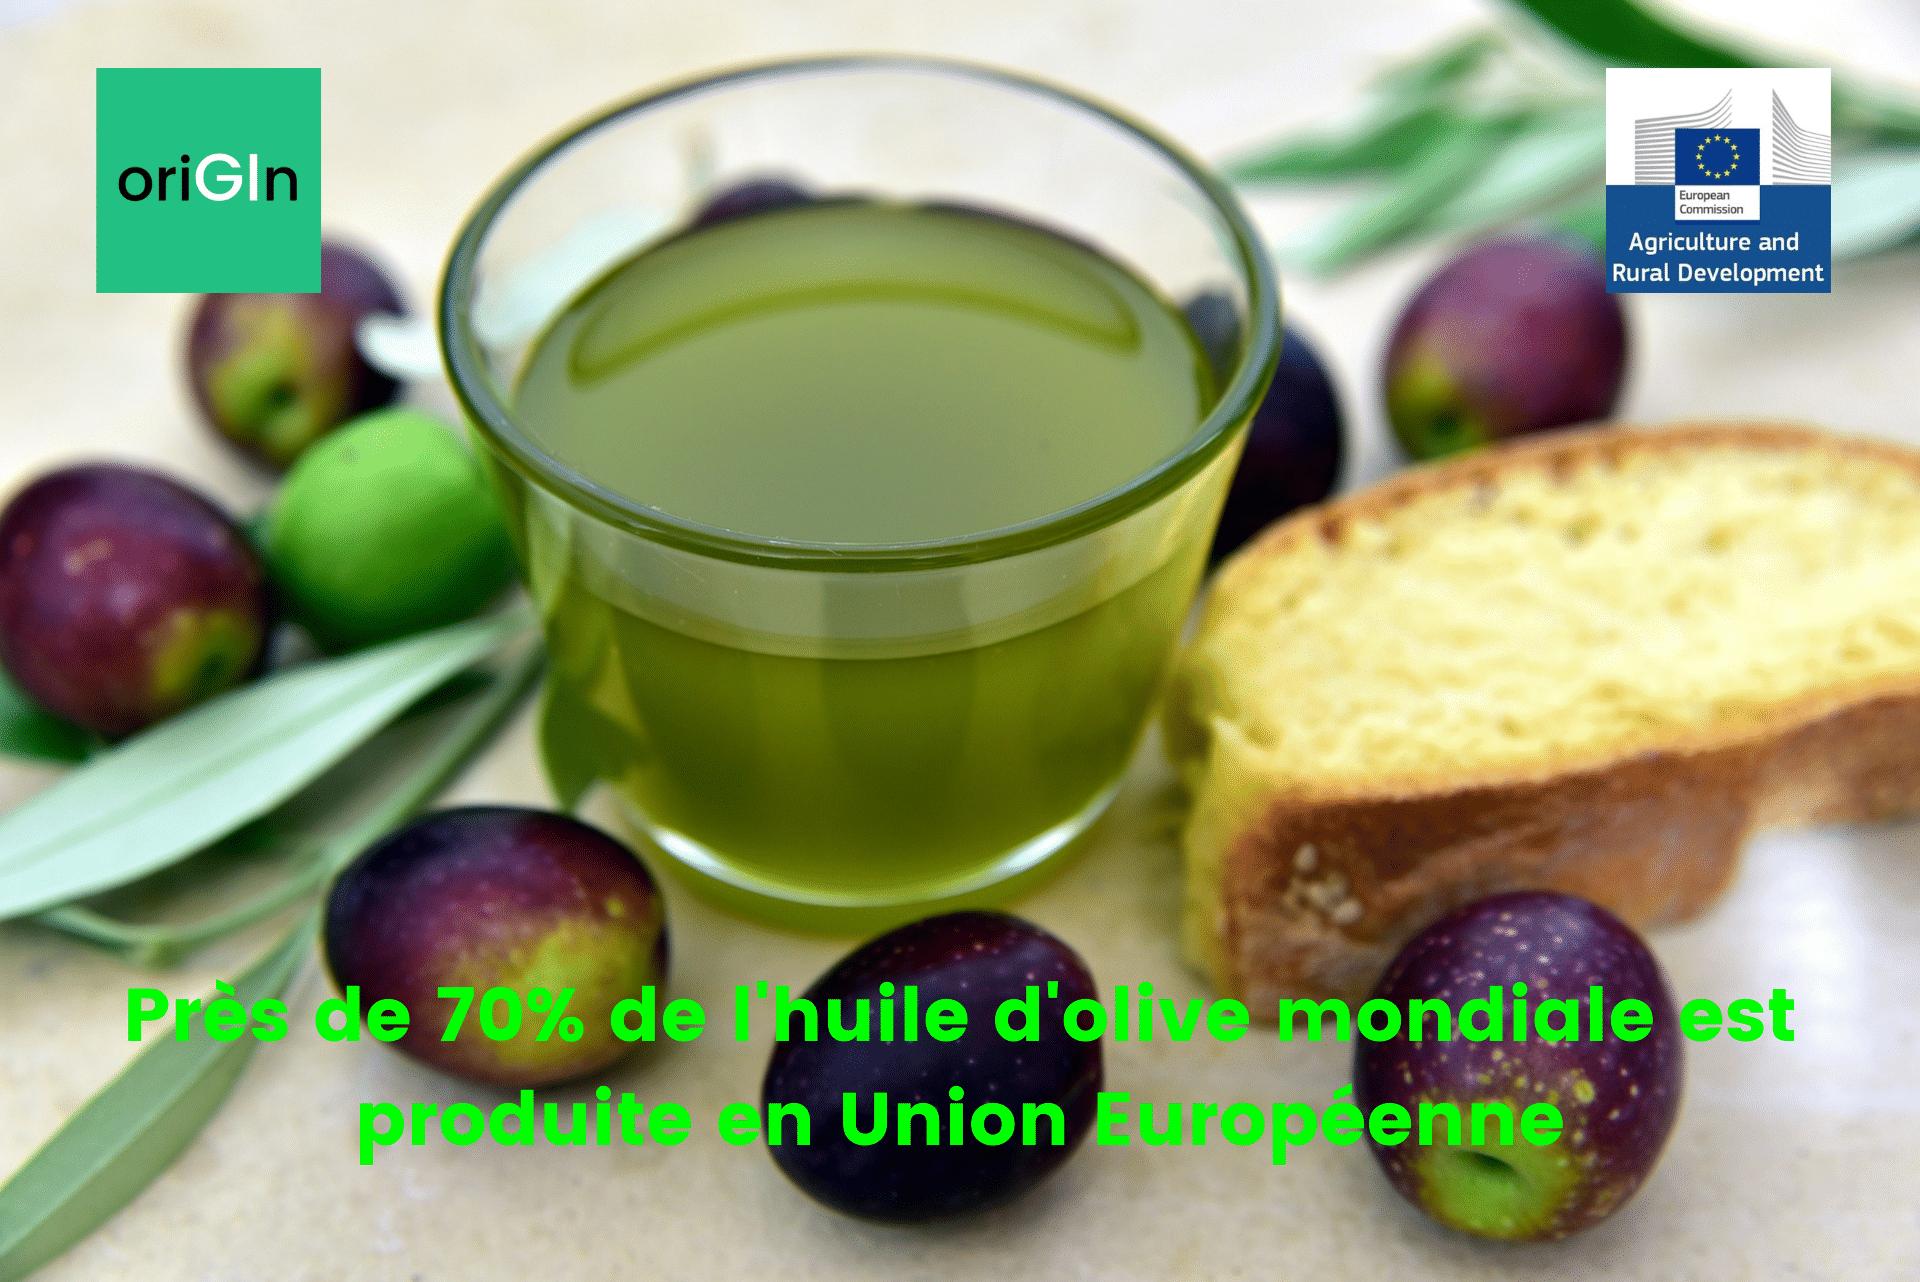 Production d'huiles d'olive en Union Européenne